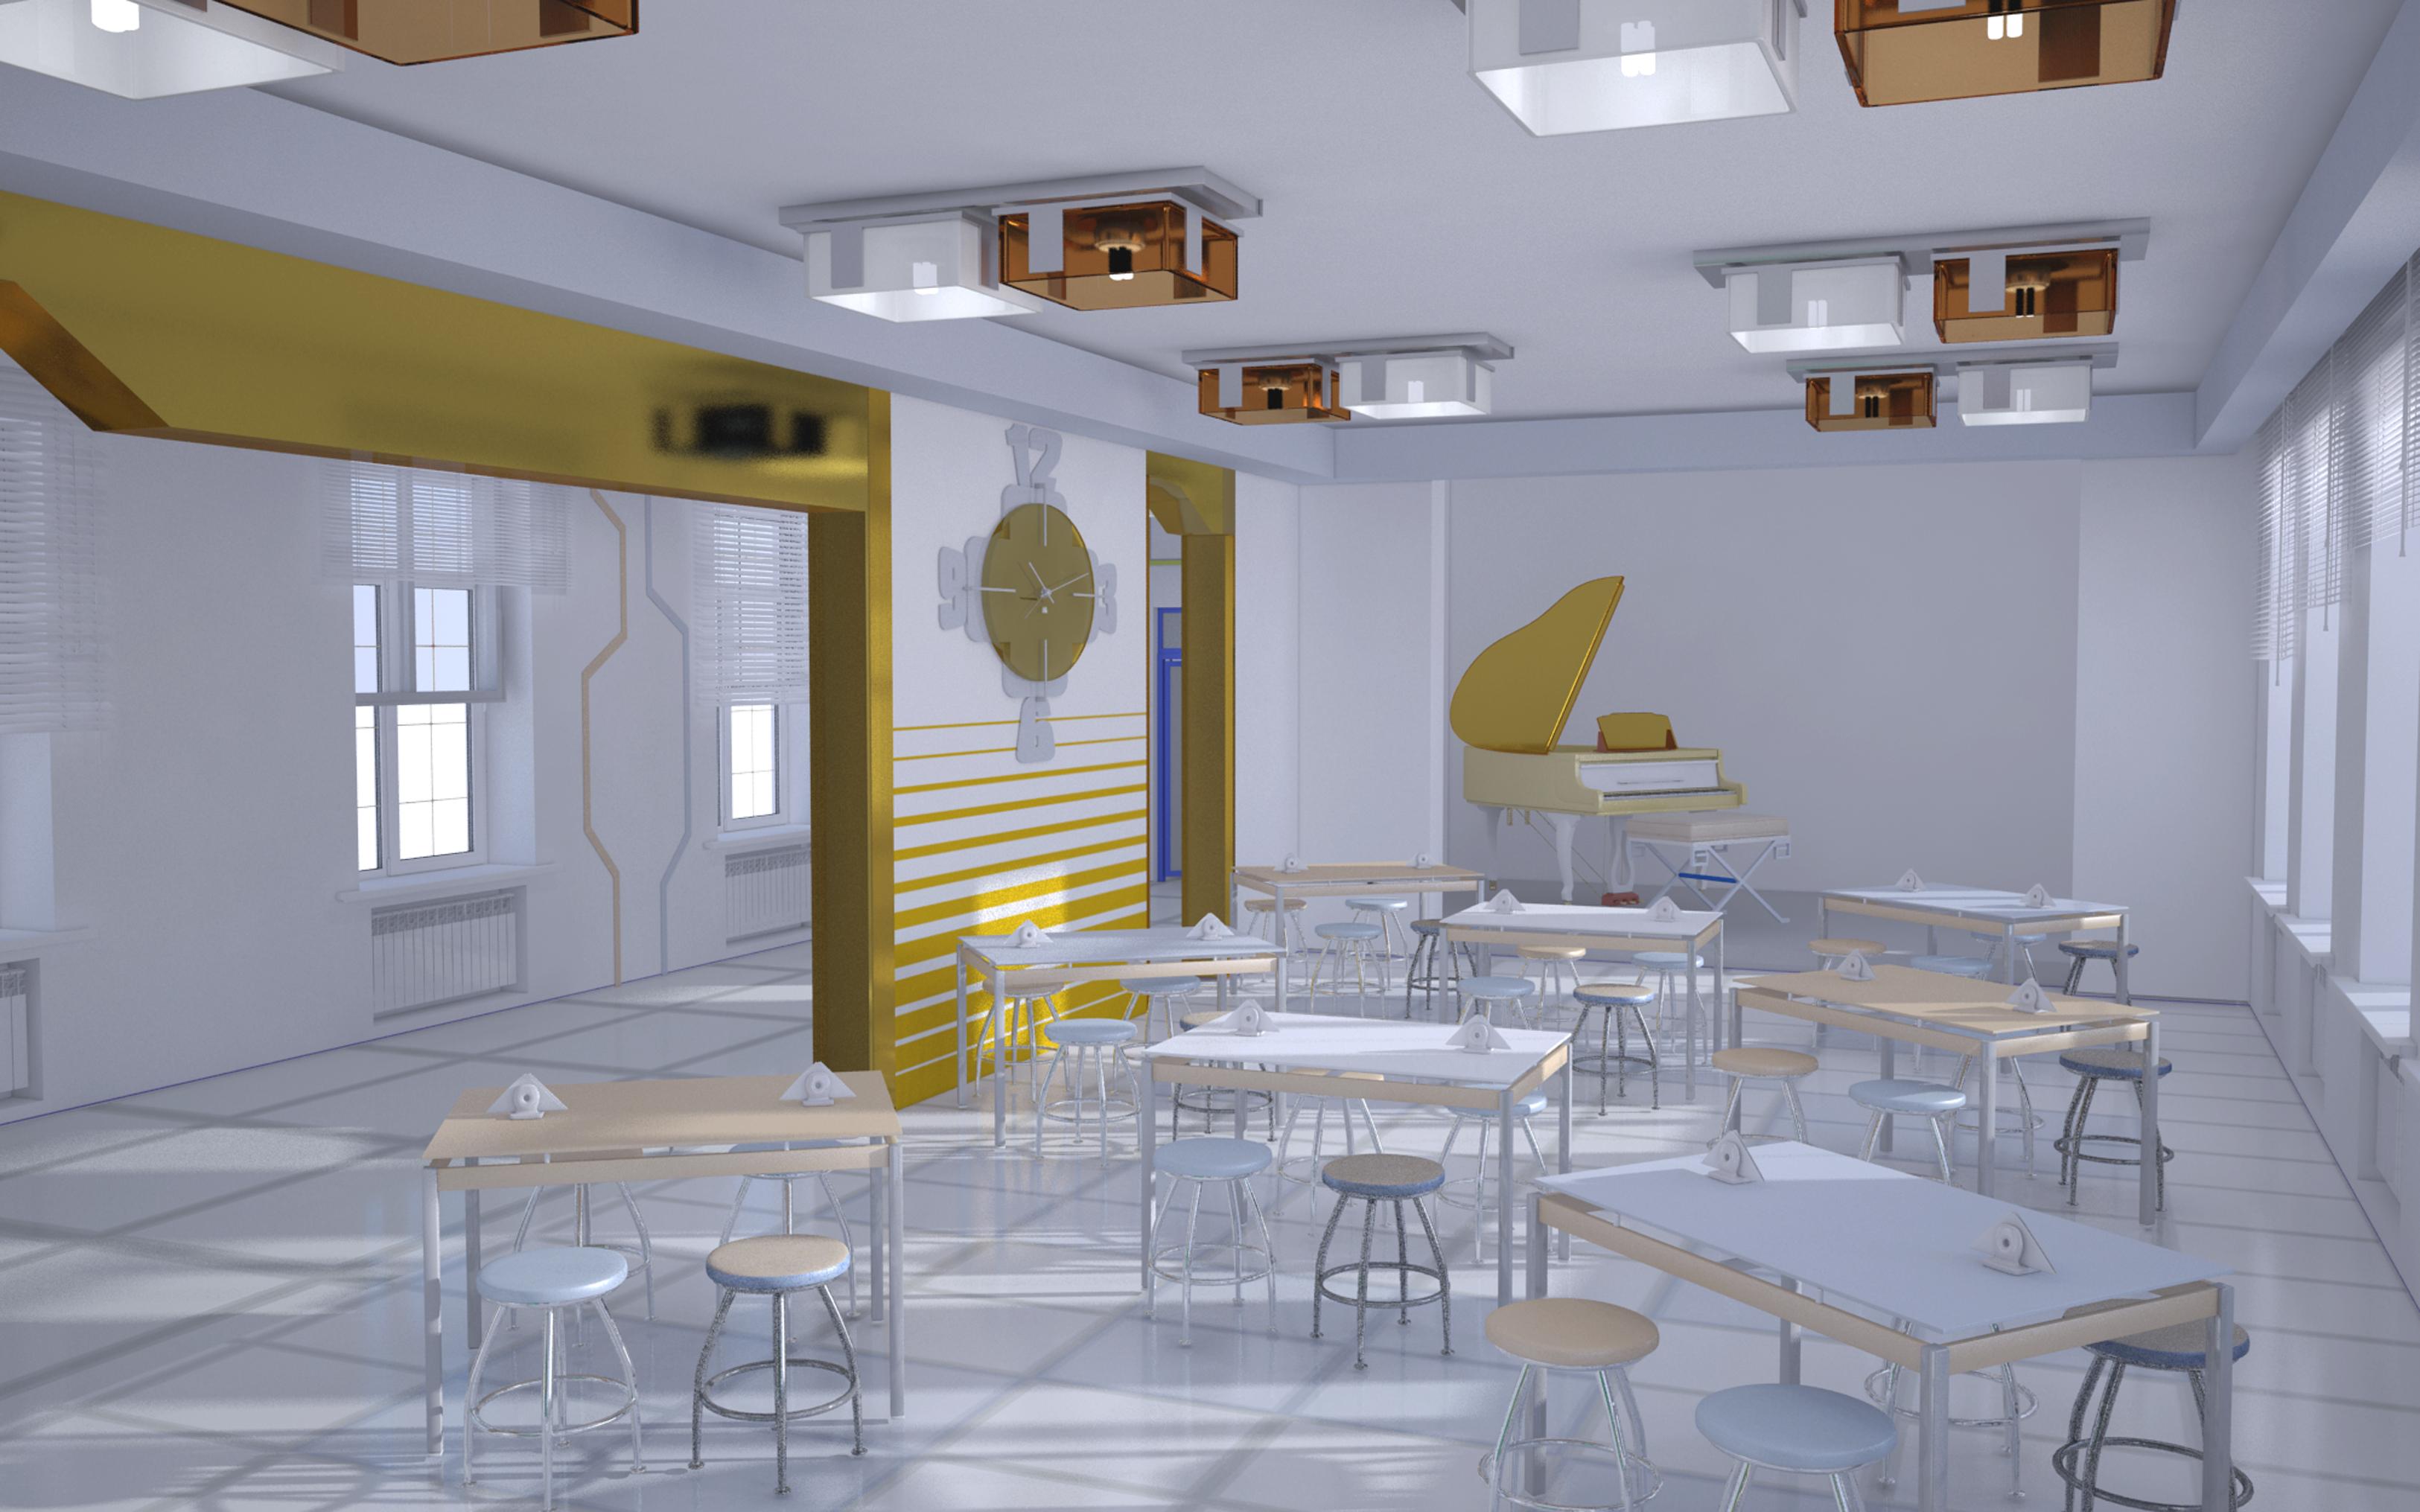 Дипломный проект по реконструкции исторического здания опытной  Дипломный проект по реконструкции исторического здания опытной школы НАРКОМПРОСА и прилегающей территории в стиле конструктивизма